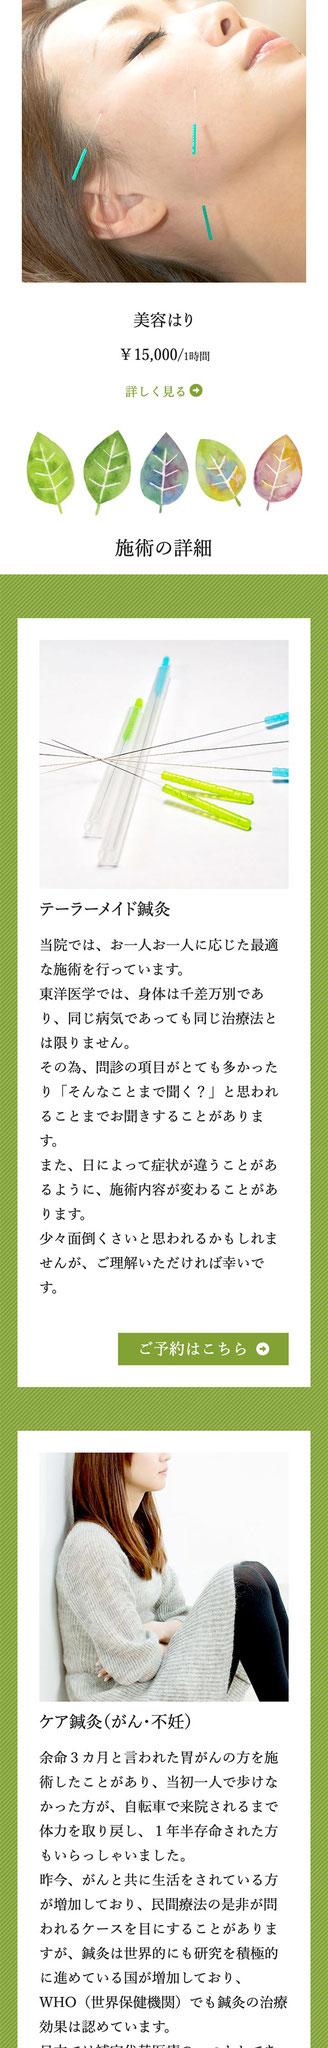 「施術メニュー」ページのモバイル表示2